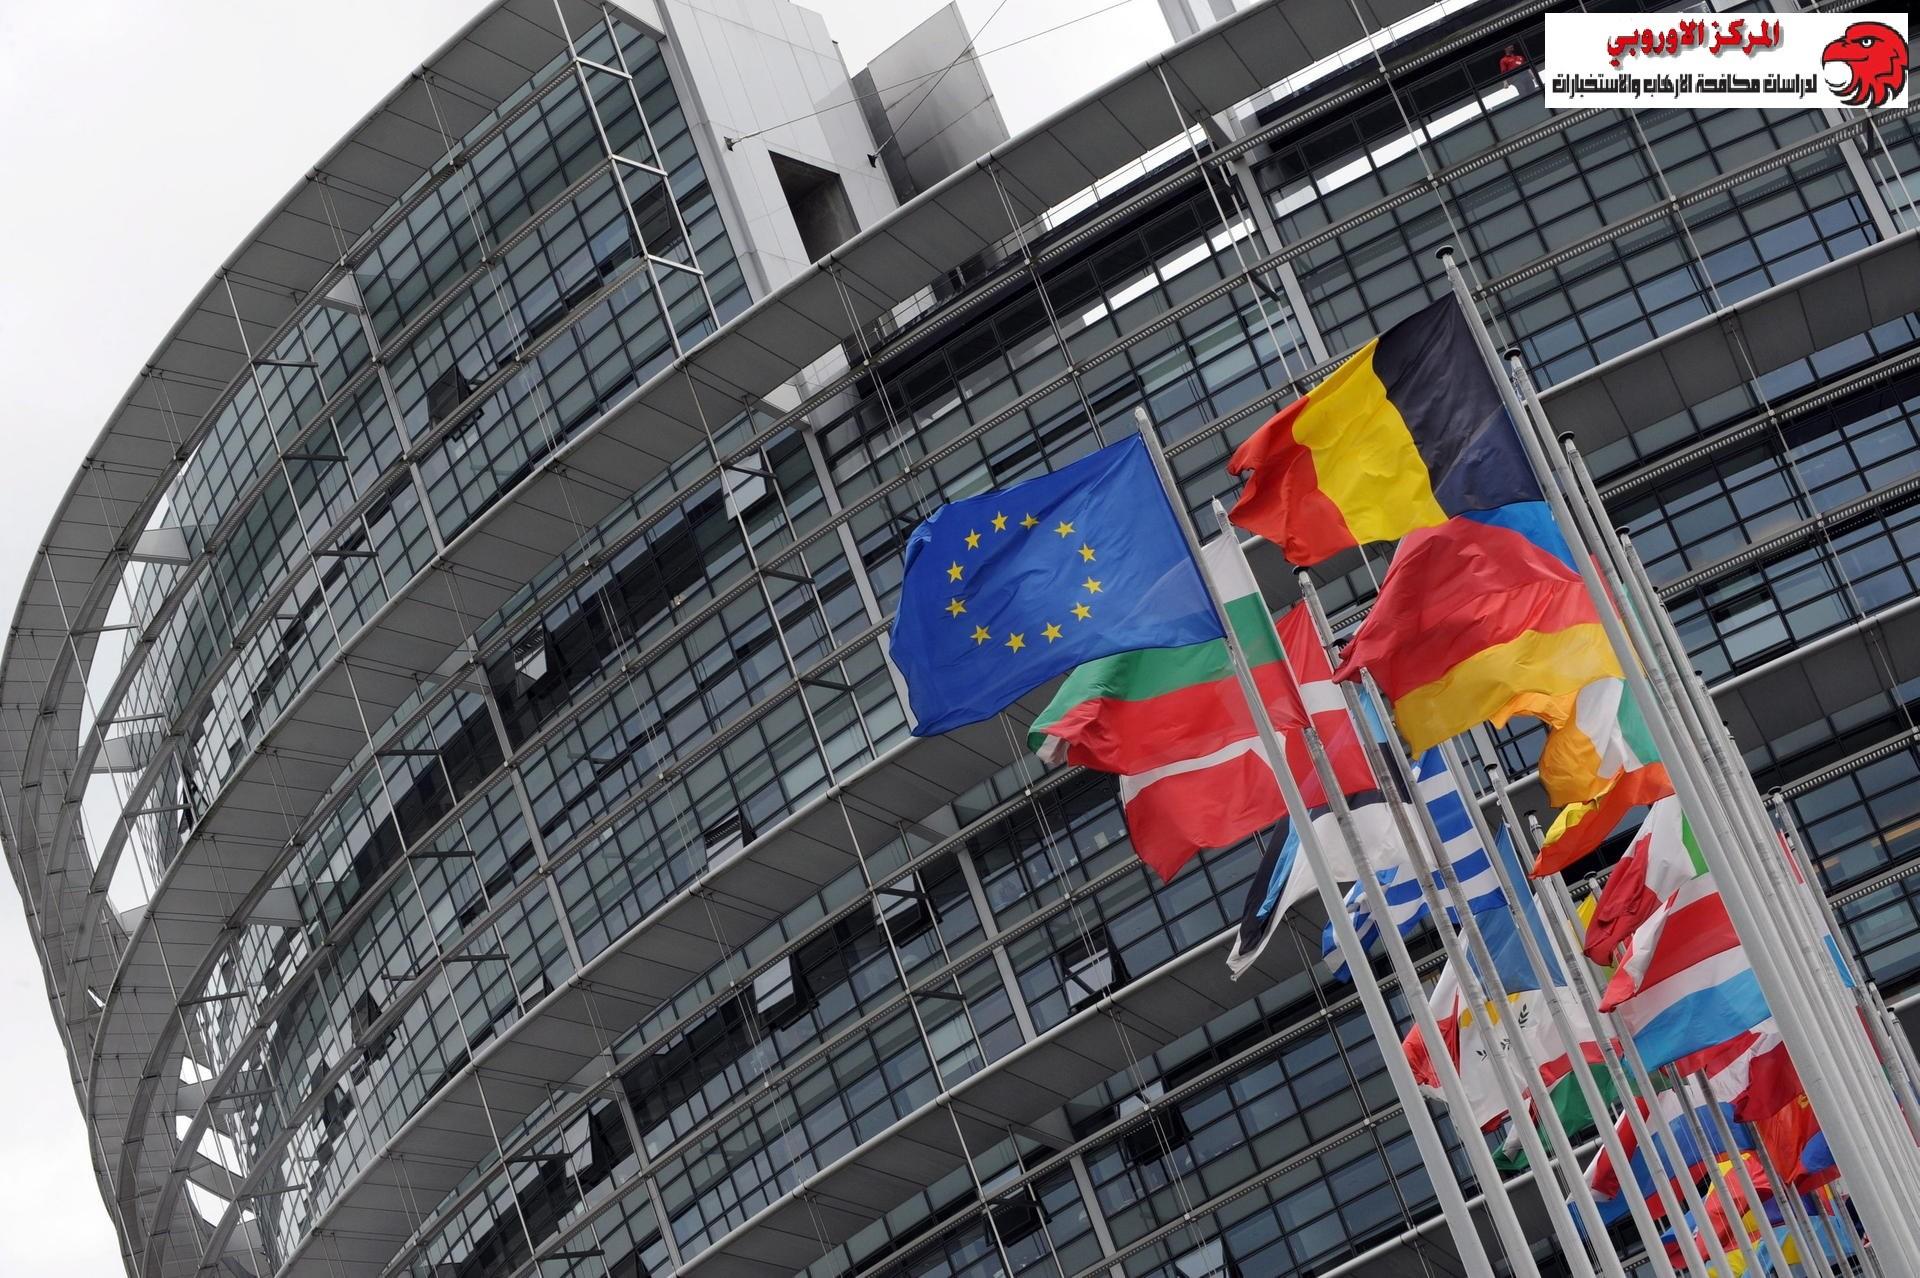 المفوضية الأوروبية..تواصل التعاون مع شركات التواصل الاجتماعي للكشف عن الإرهابيين